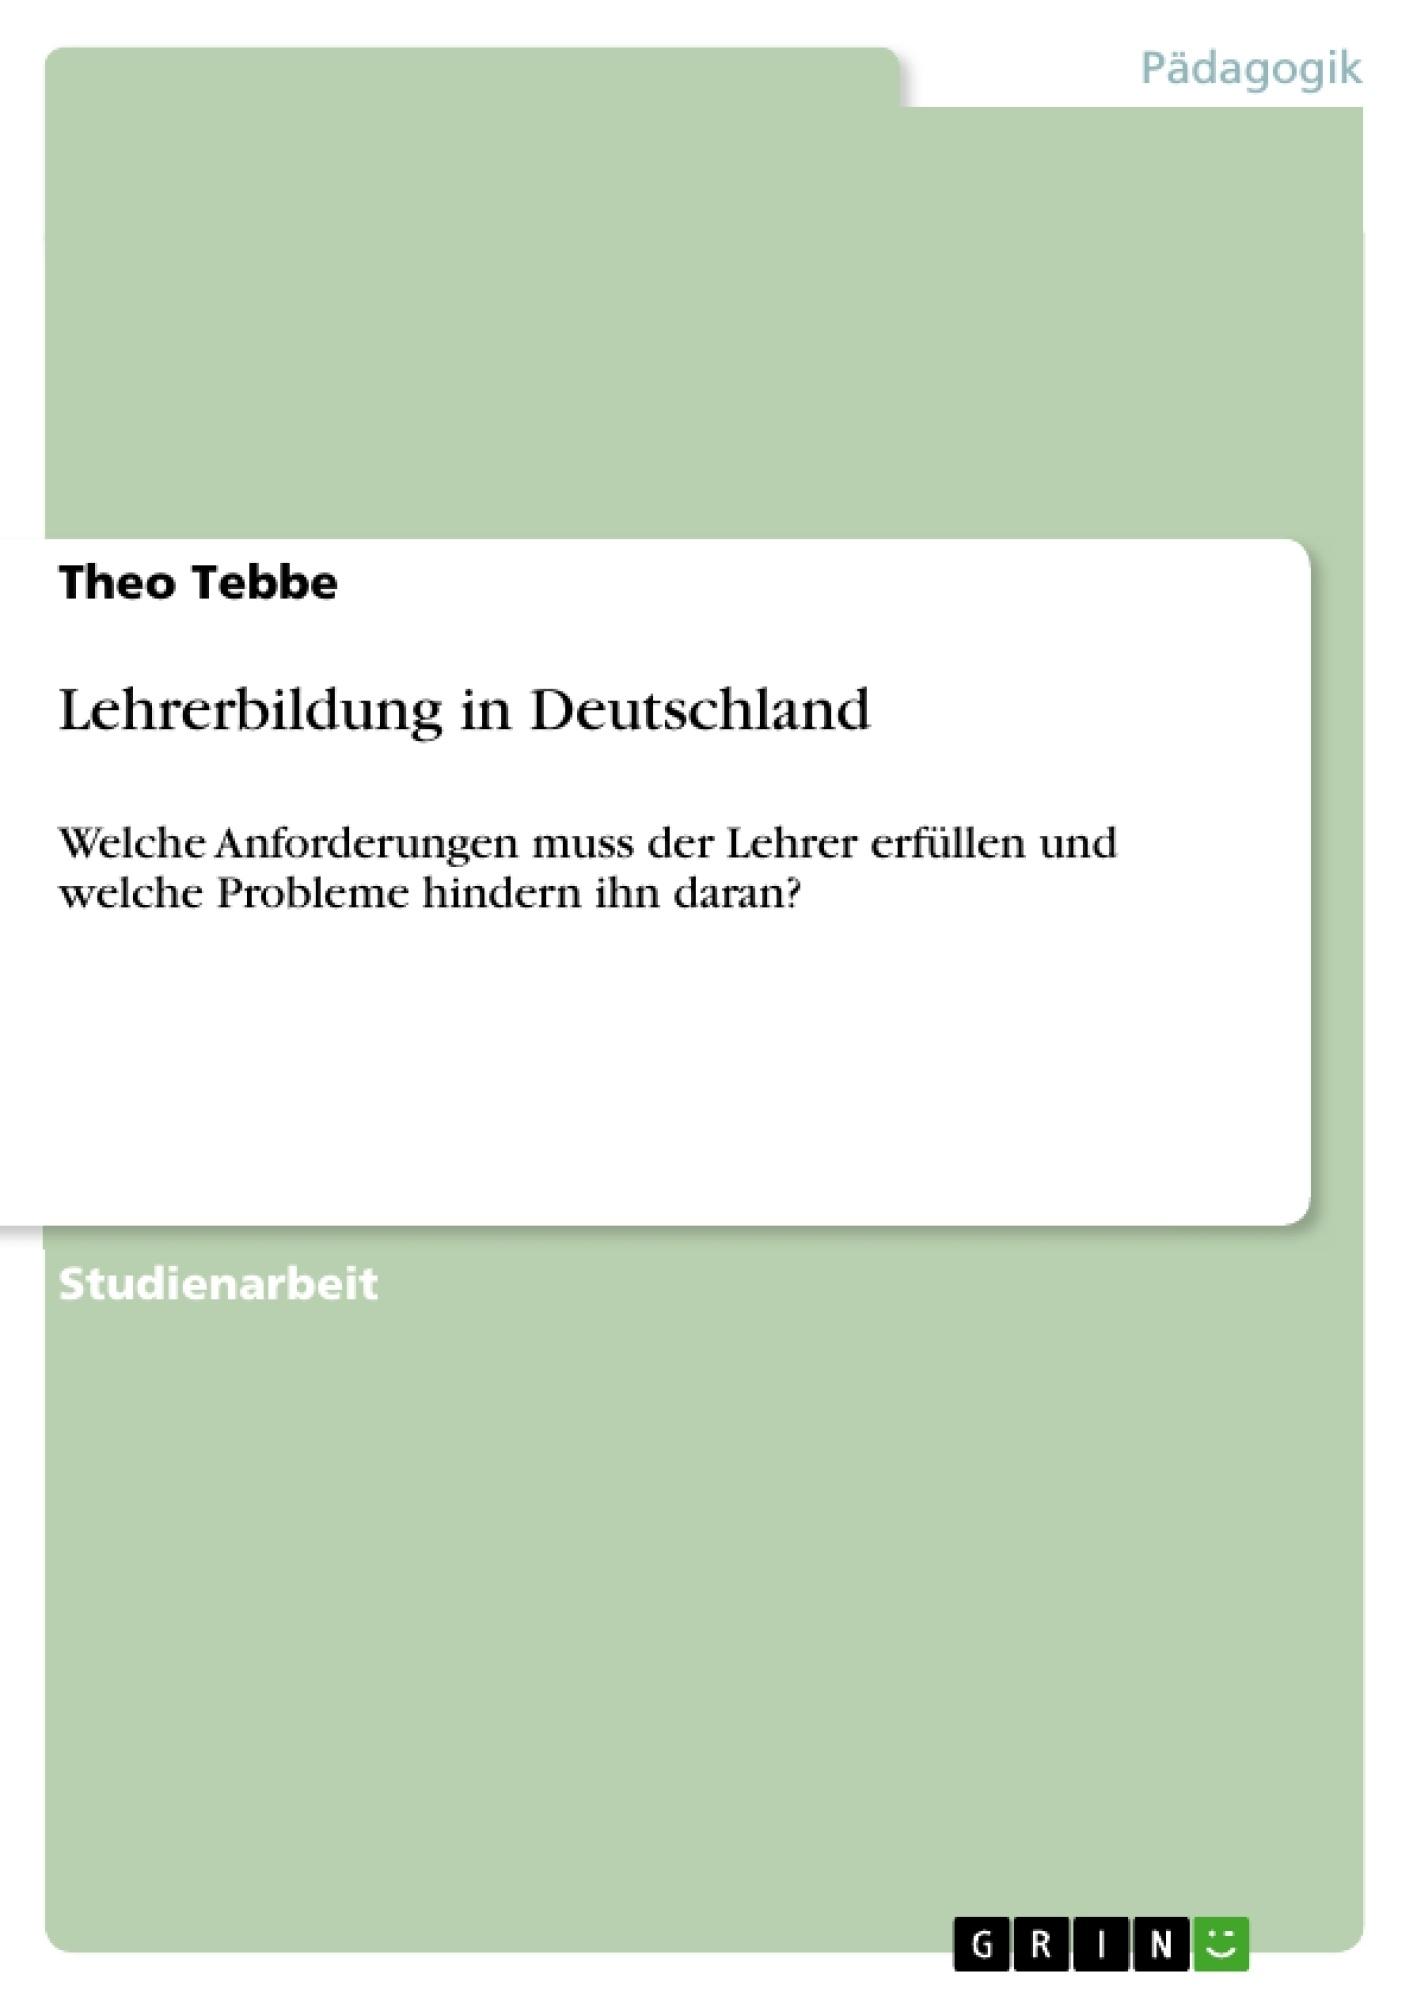 Titel: Lehrerbildung in Deutschland